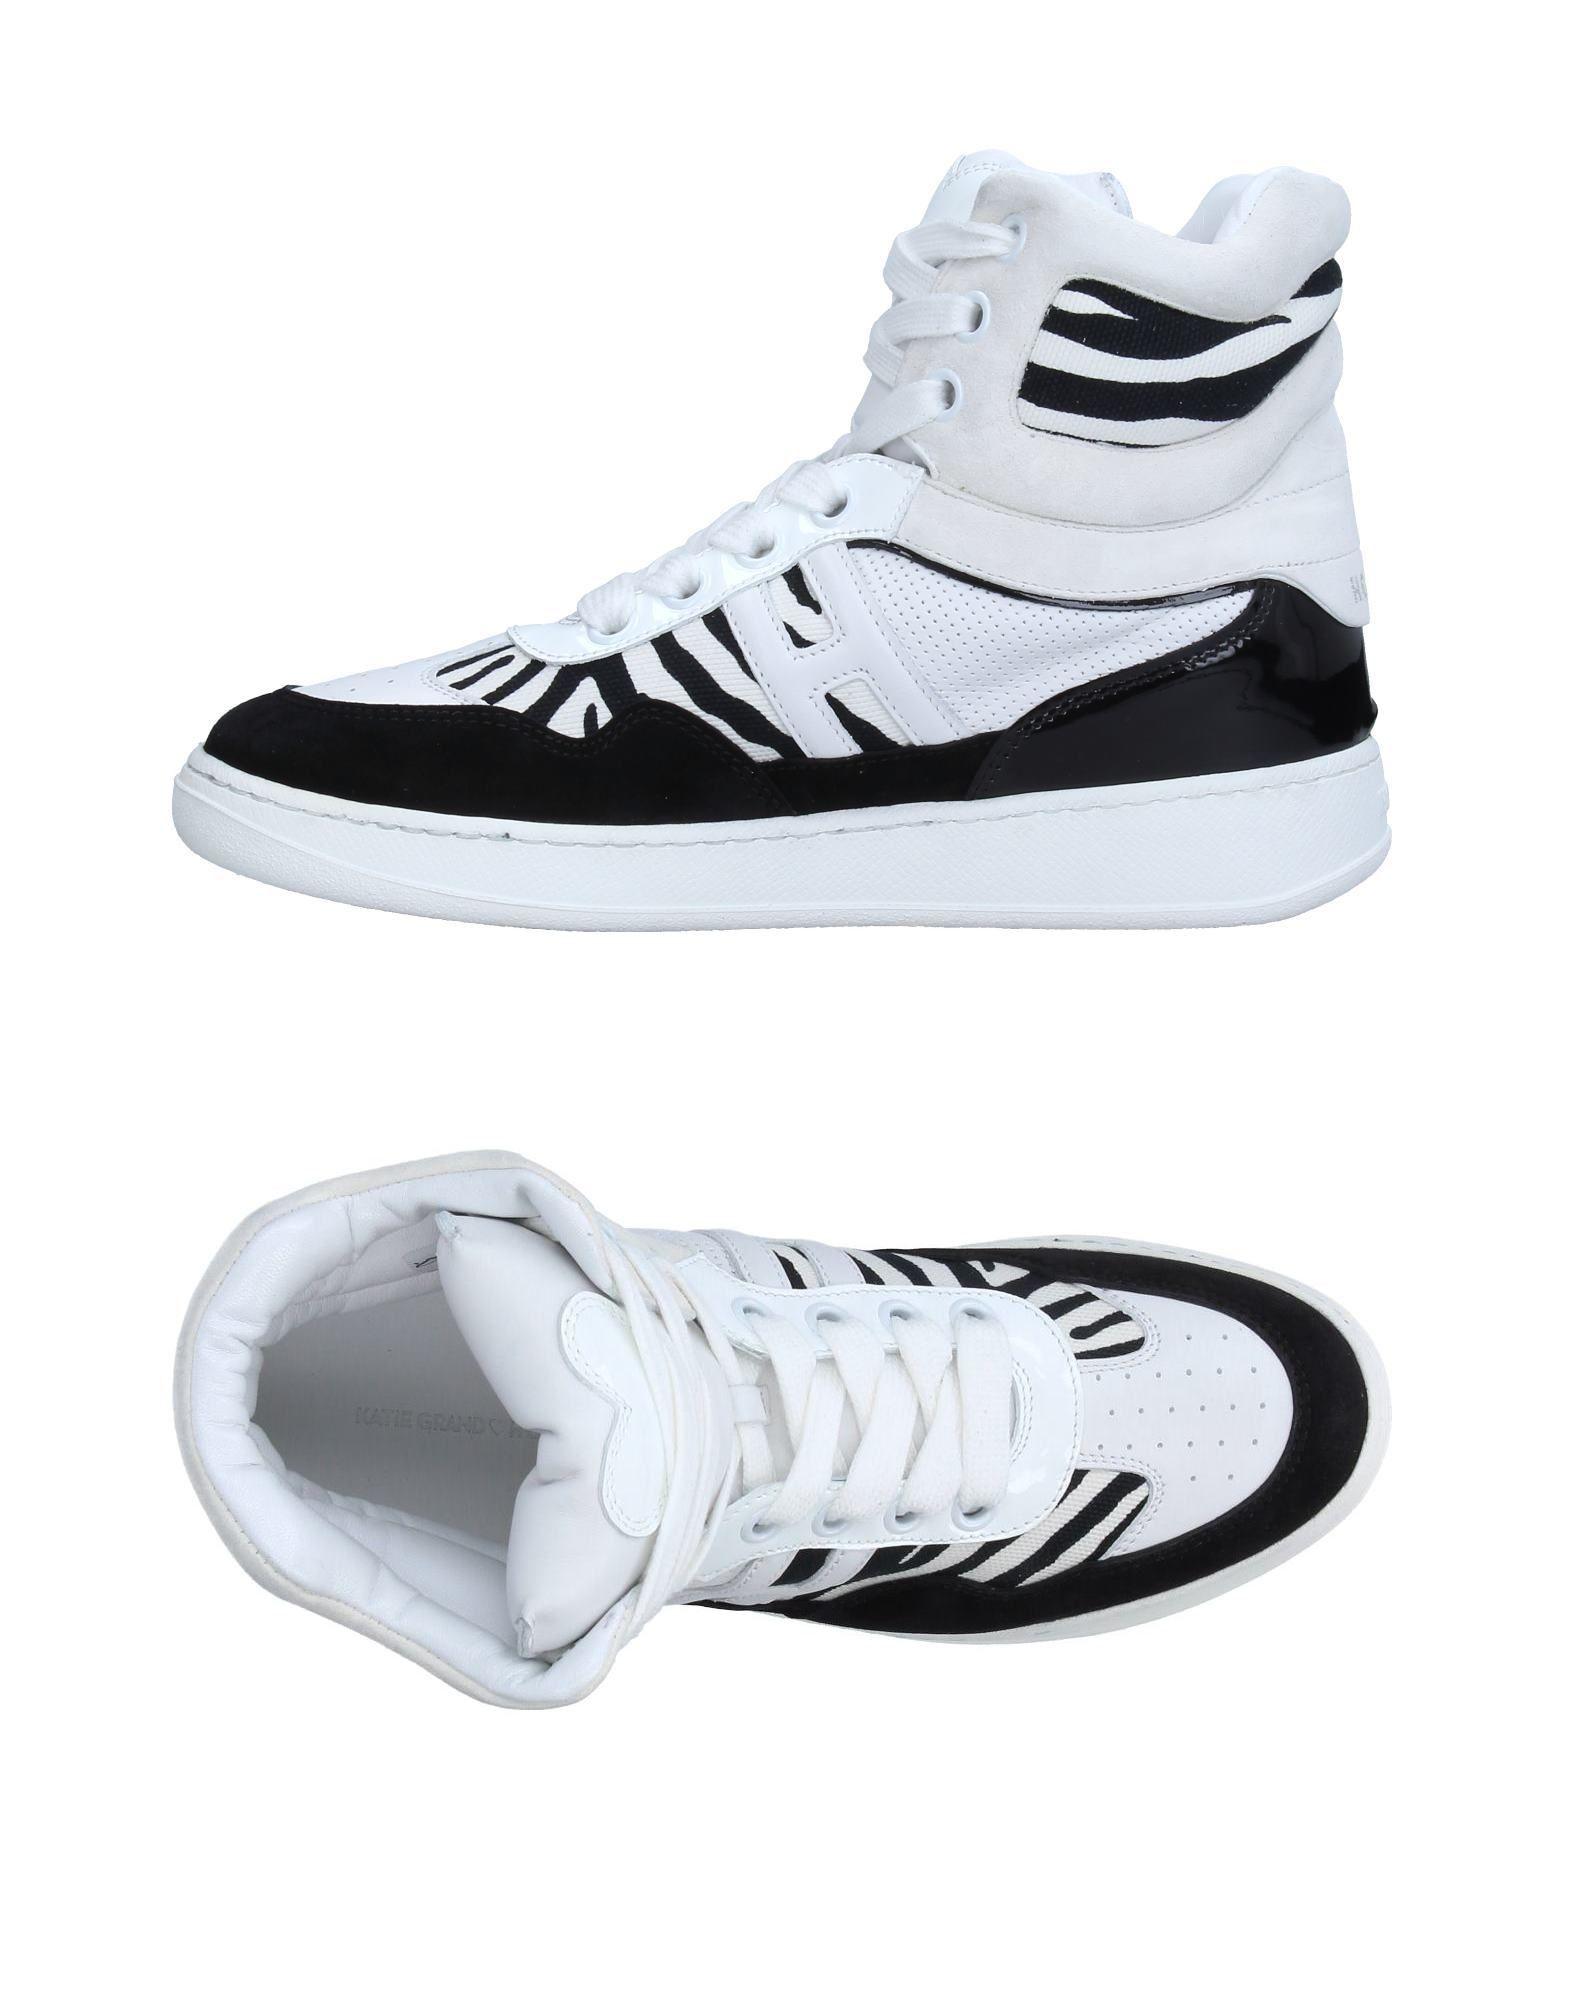 Zapatos Loves casuales salvajes Zapatillas Katie Grand Loves Zapatos Hogan Mujer - Zapatillas Katie Grand Loves Hogan  Blanco b4131d